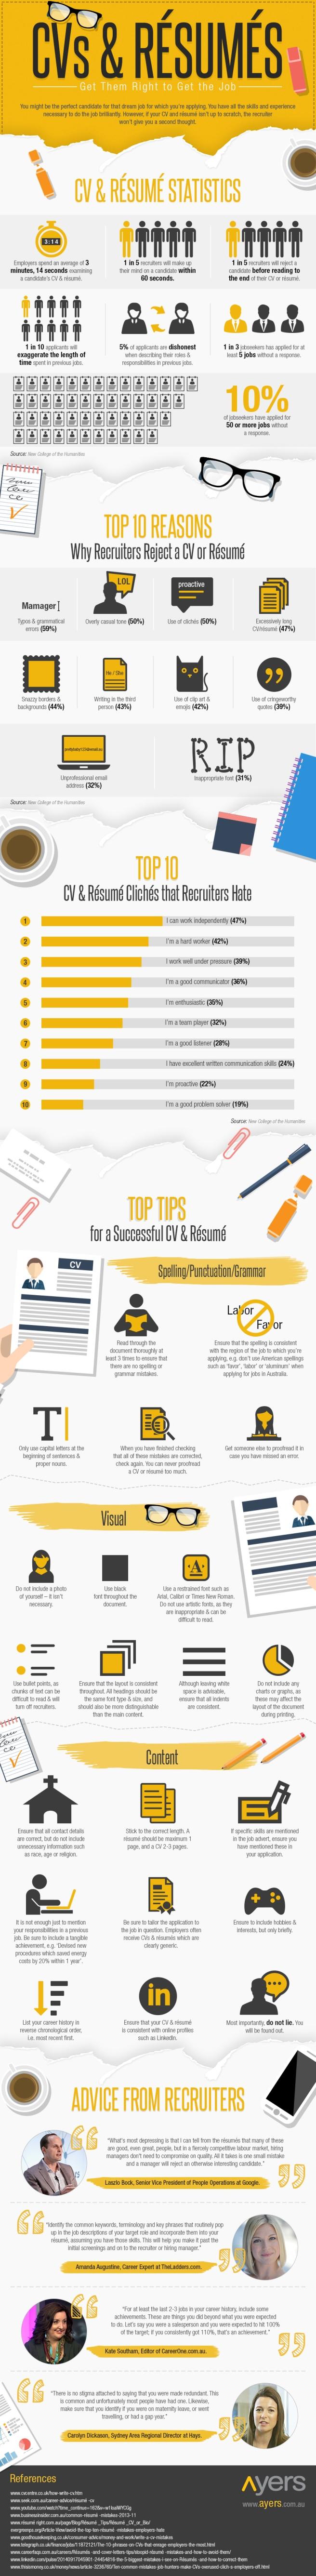 CVs & Résumés: Get Them Right to Get the Job – #Infographic